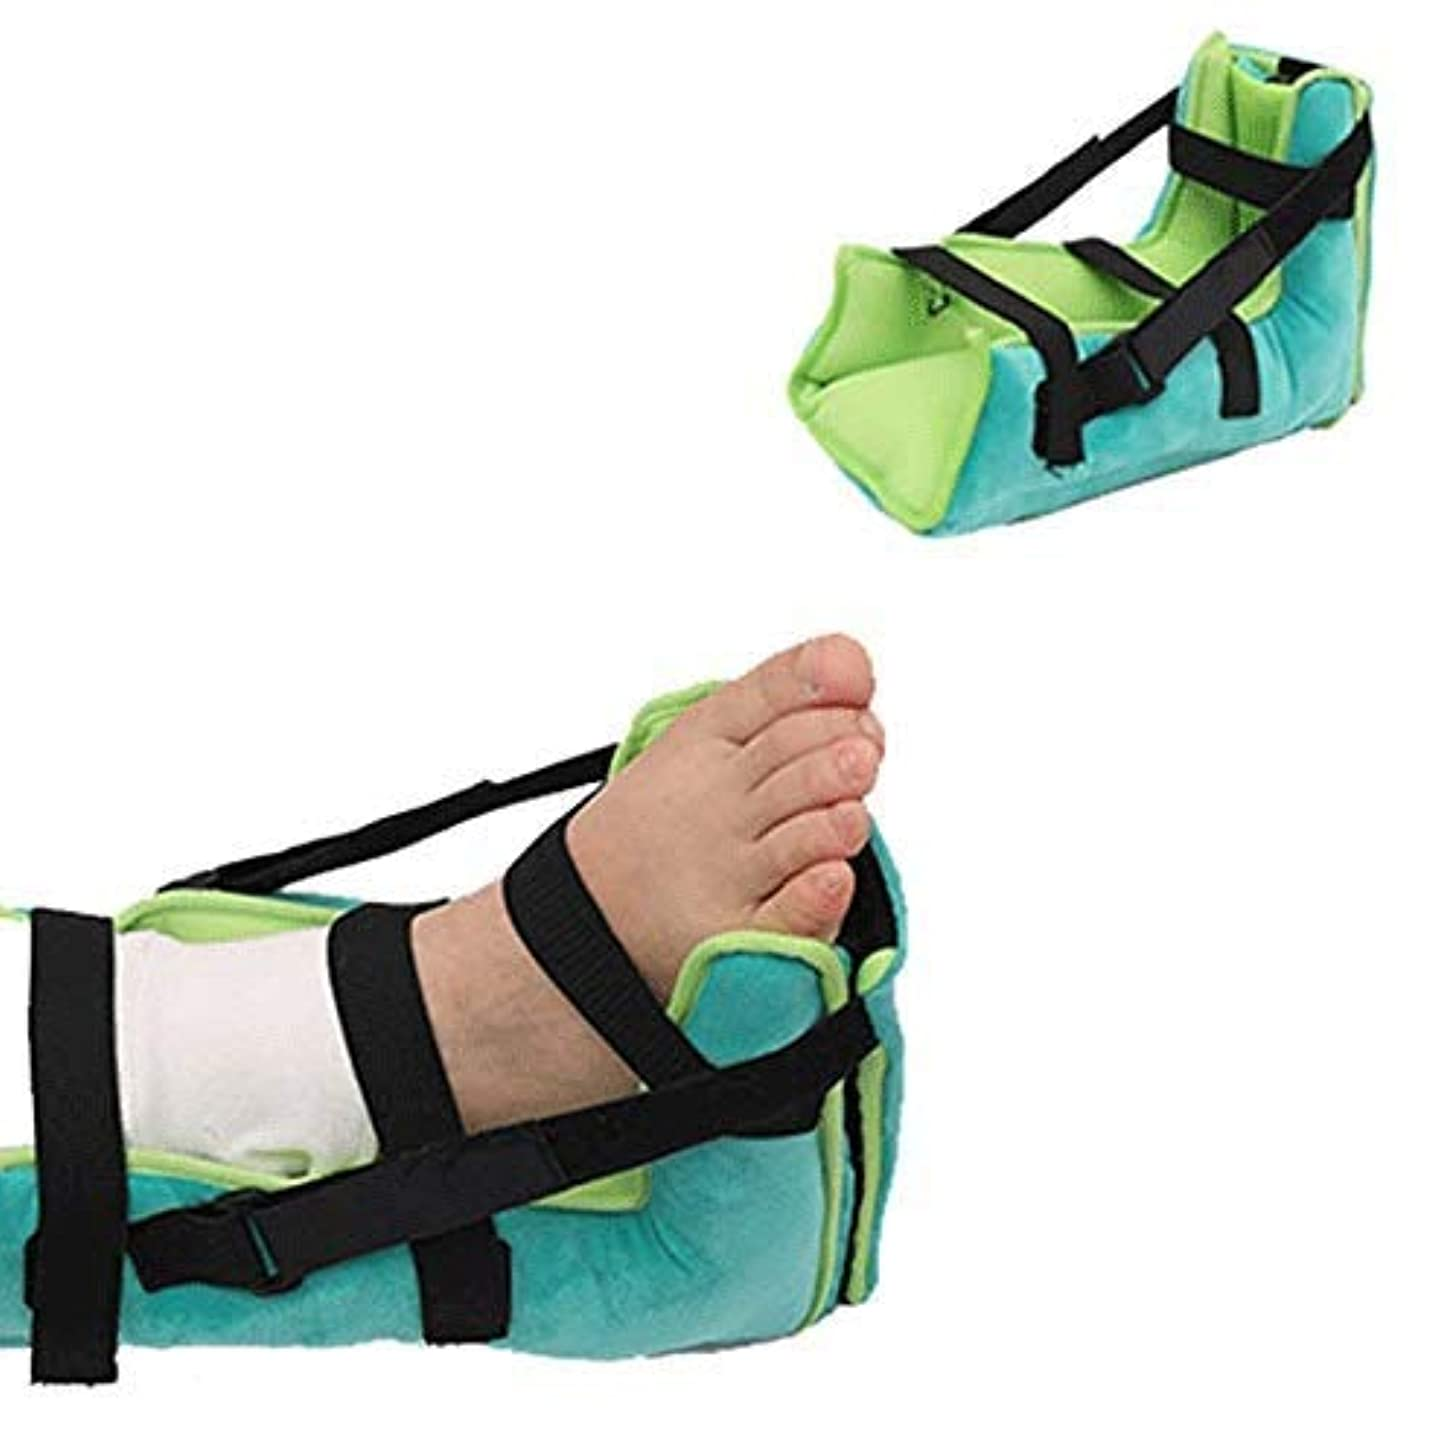 かかとプロテクター枕、足補正カバー、抗、瘡ヒールパッド、効果的なPressure瘡とHe潰瘍の救済 高弾性シルクコットン充填 (Size : 1PCS)